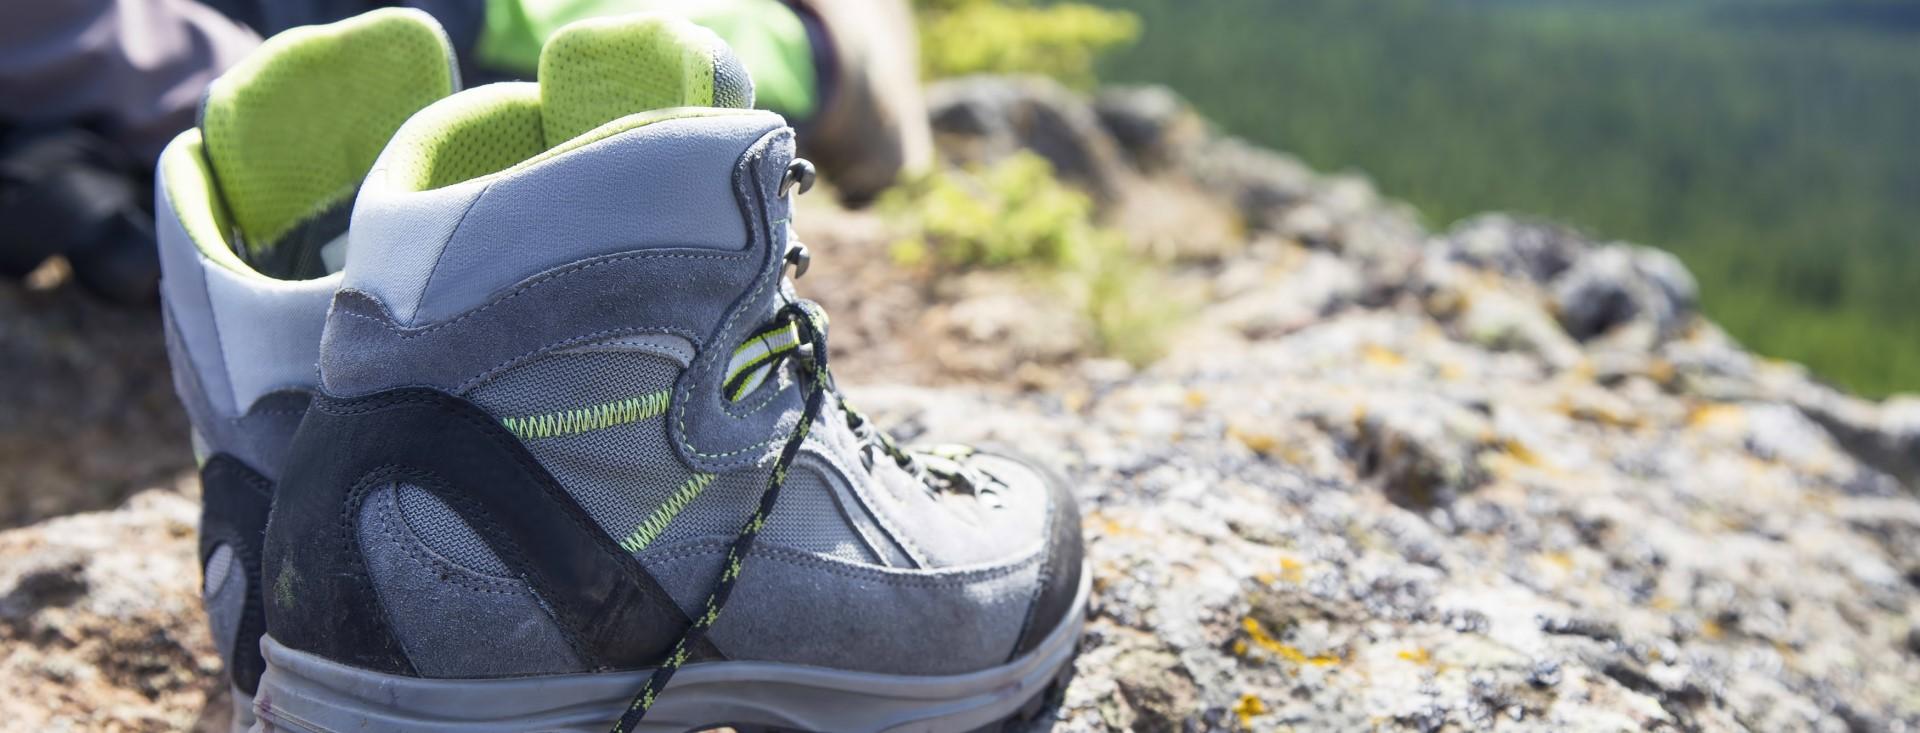 buty trekkingowe damskie na co zwrócić uwagę